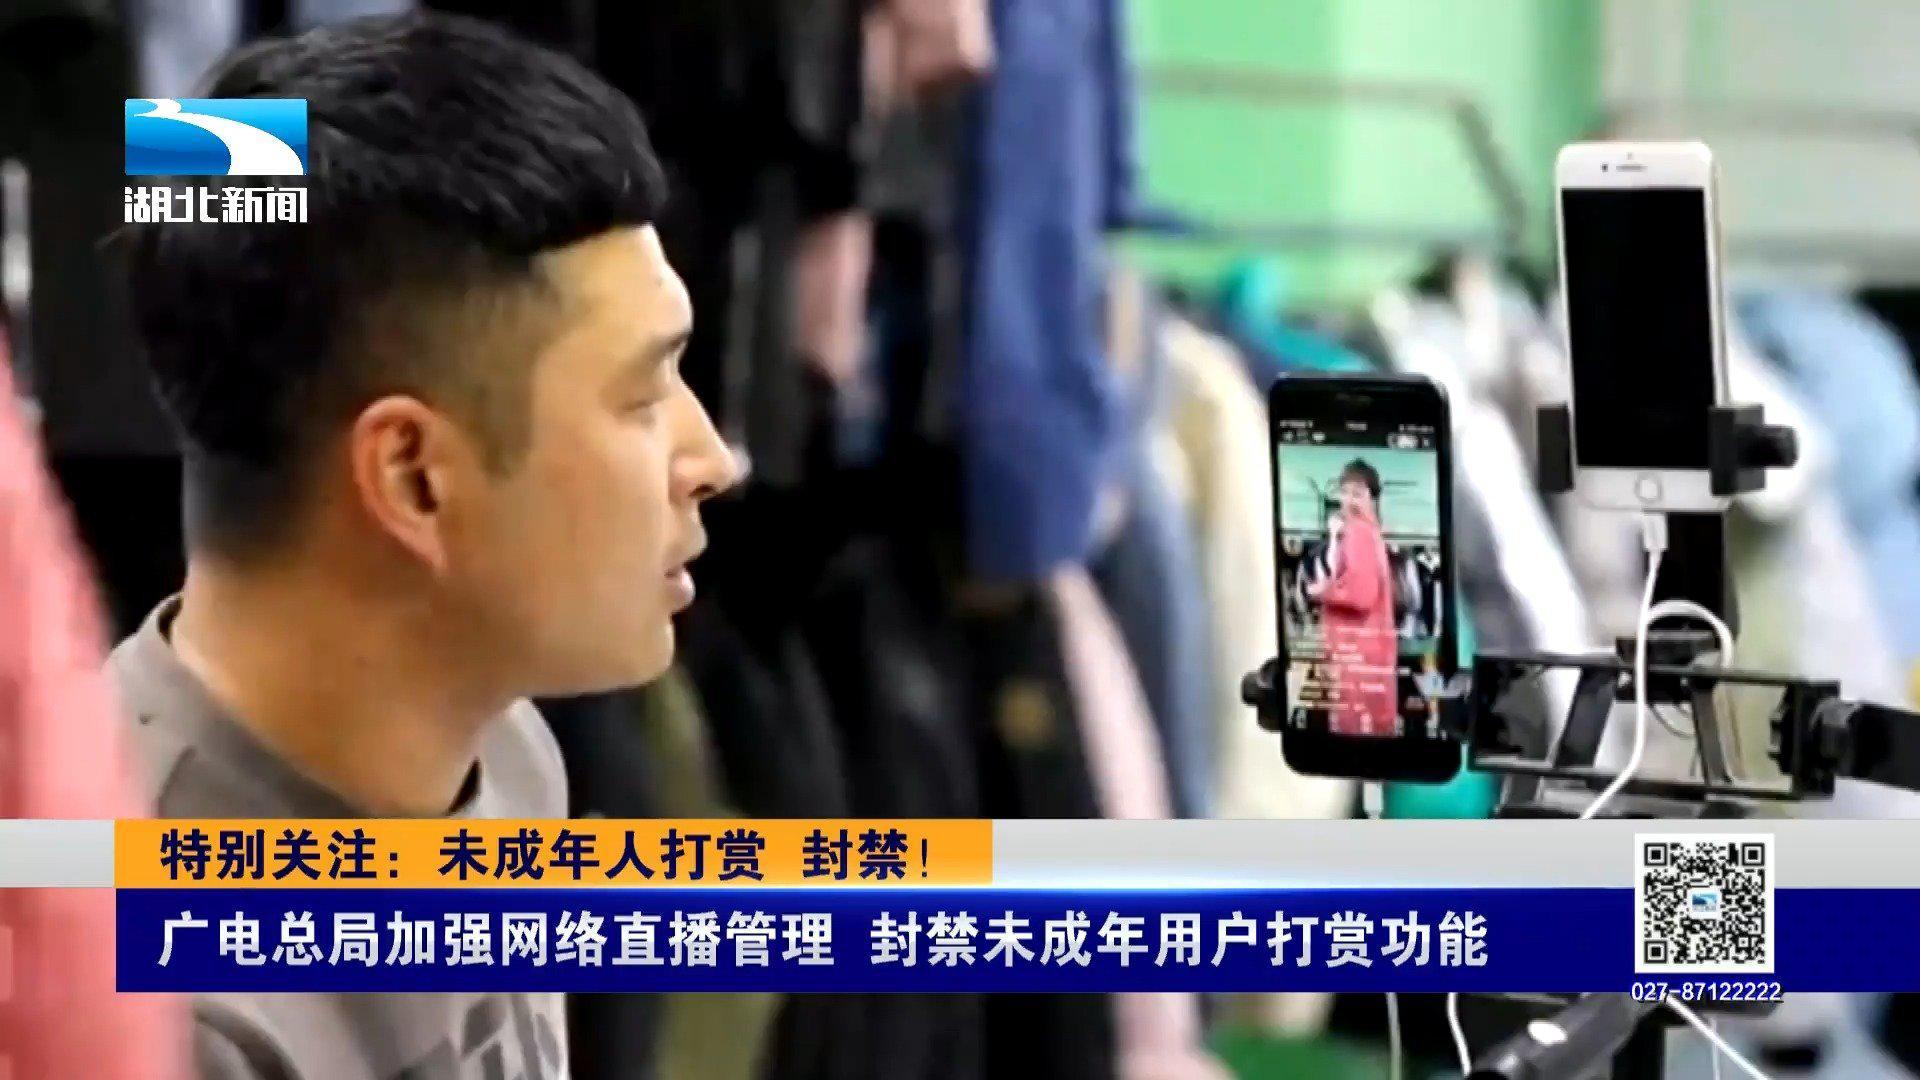 点赞!广电总局加强网络直播管理,封禁未成年用户打赏功能